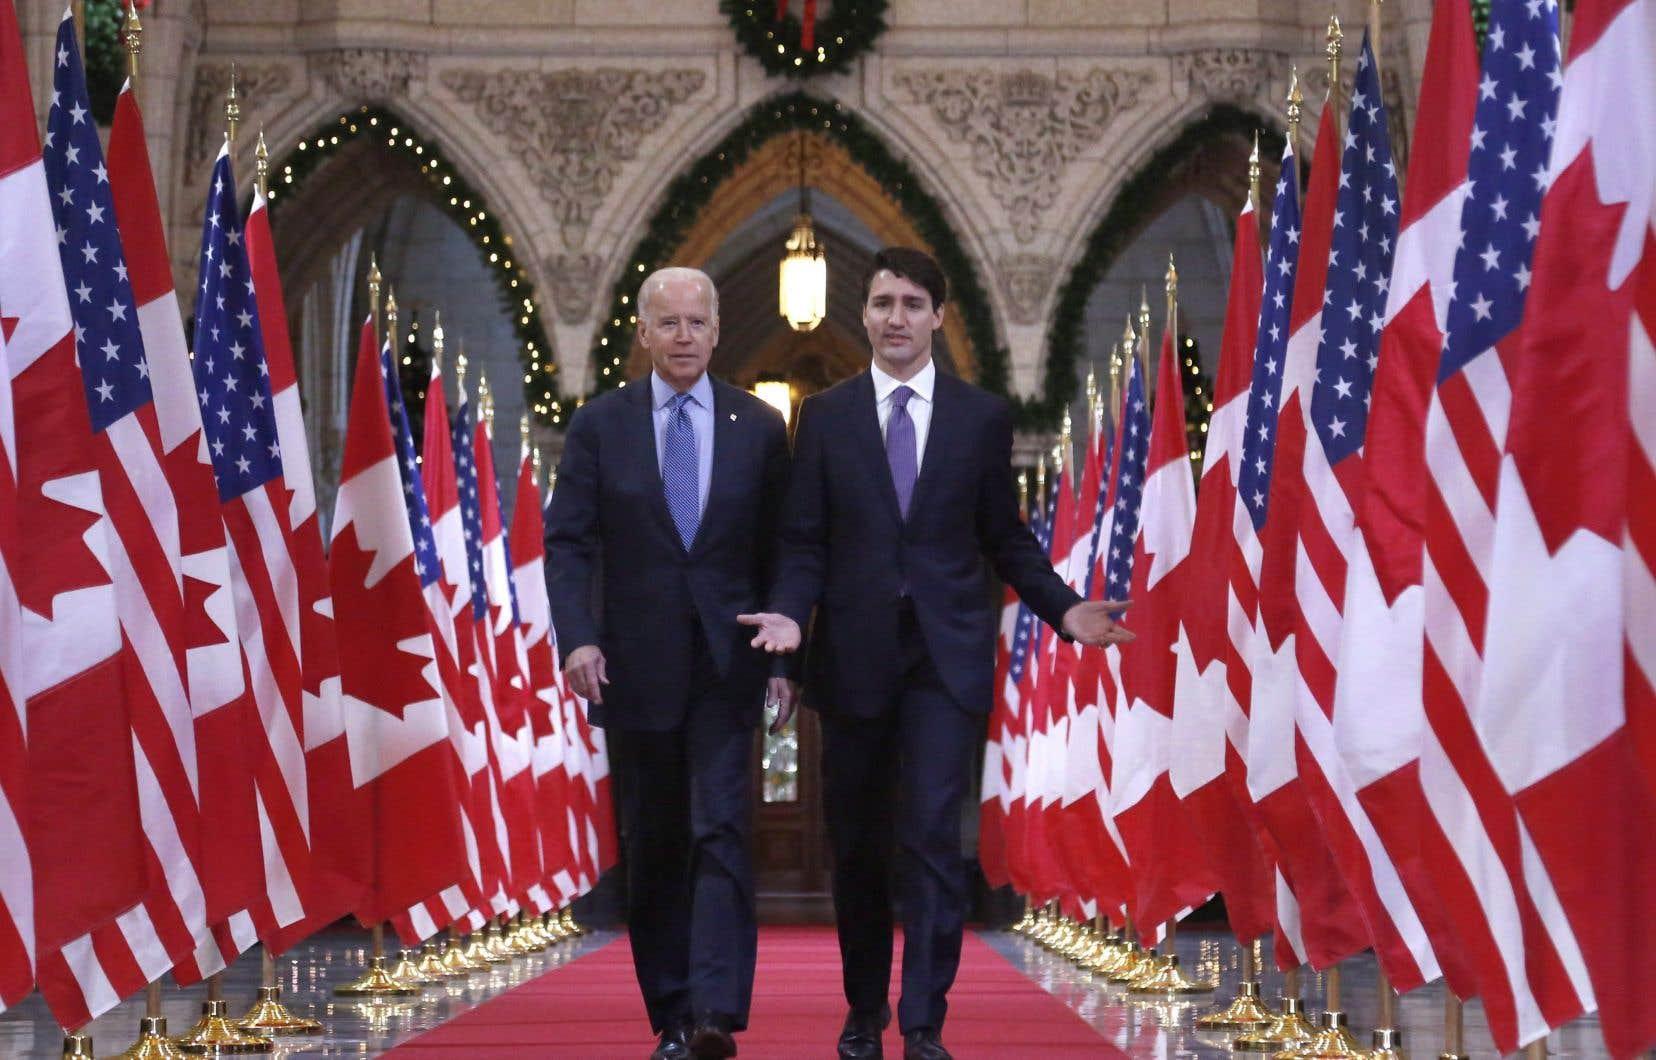 Justin Trudeau en compagnie deJoe Biden, en 2016, alors que ce dernier était vice-président des États-Unis.